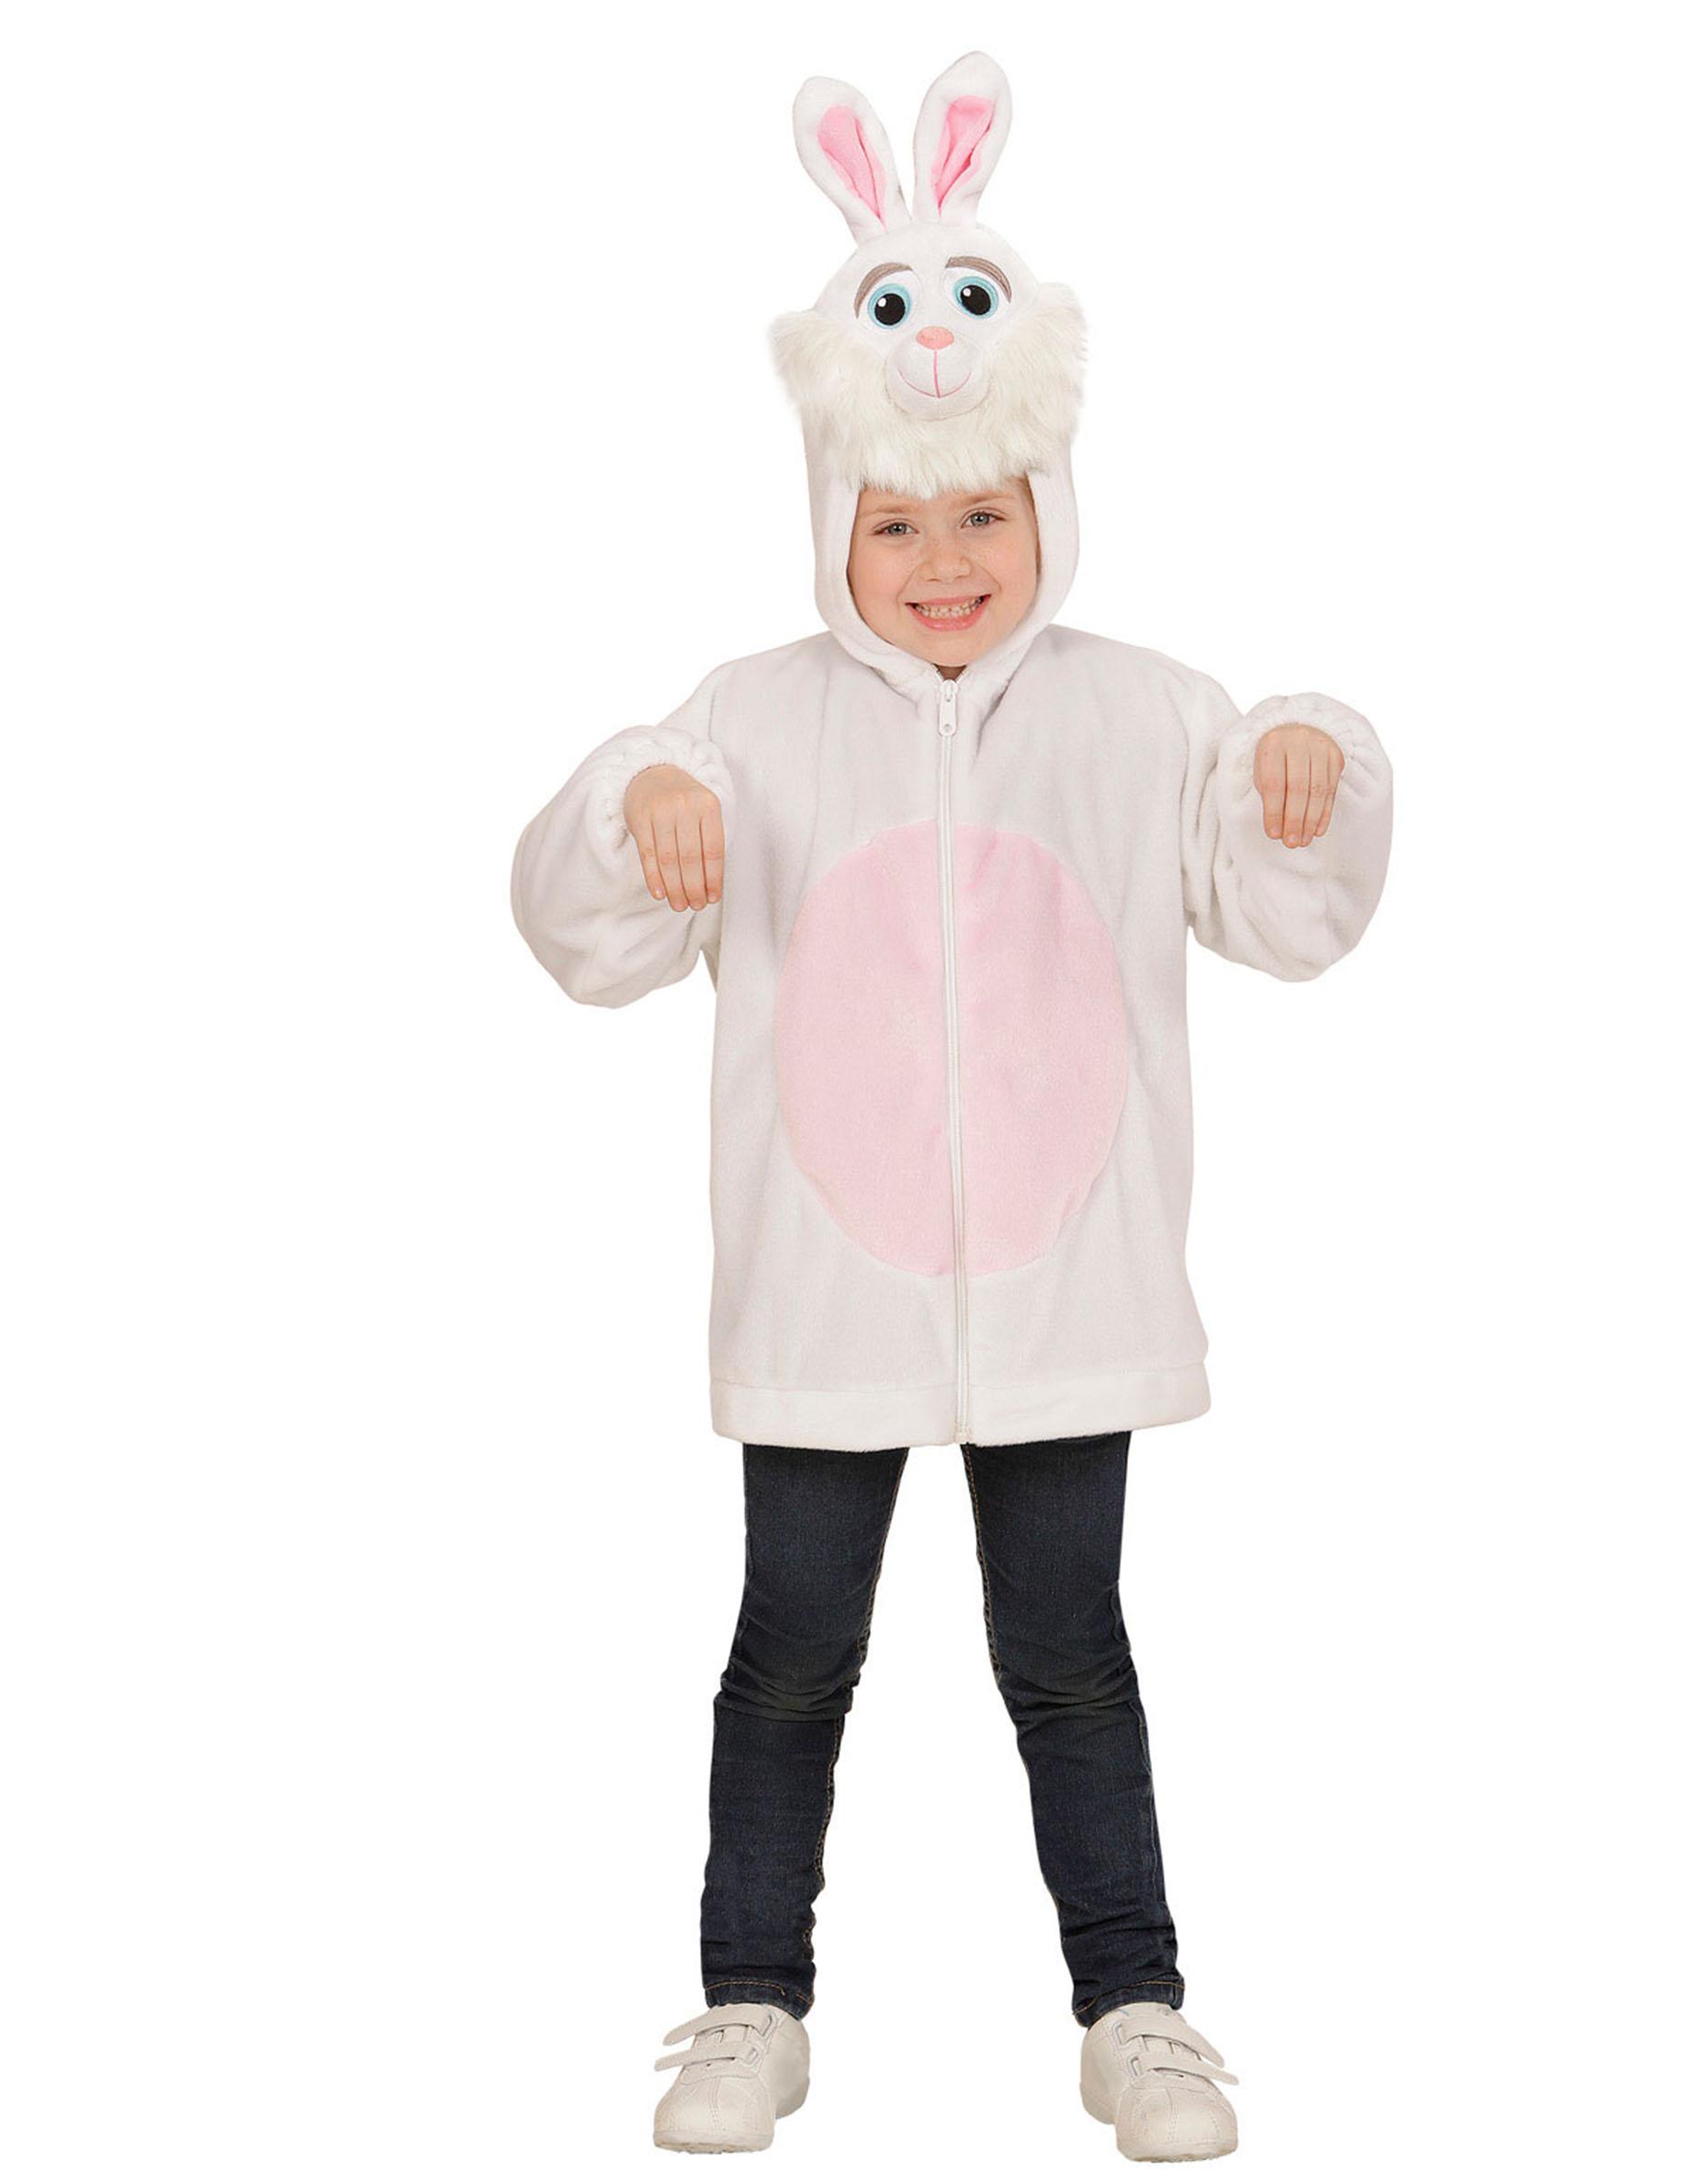 71b439a056ff Costume Coniglio sorridente per bambino: Costumi bambini,e vestiti di  carnevale online - Vegaoo